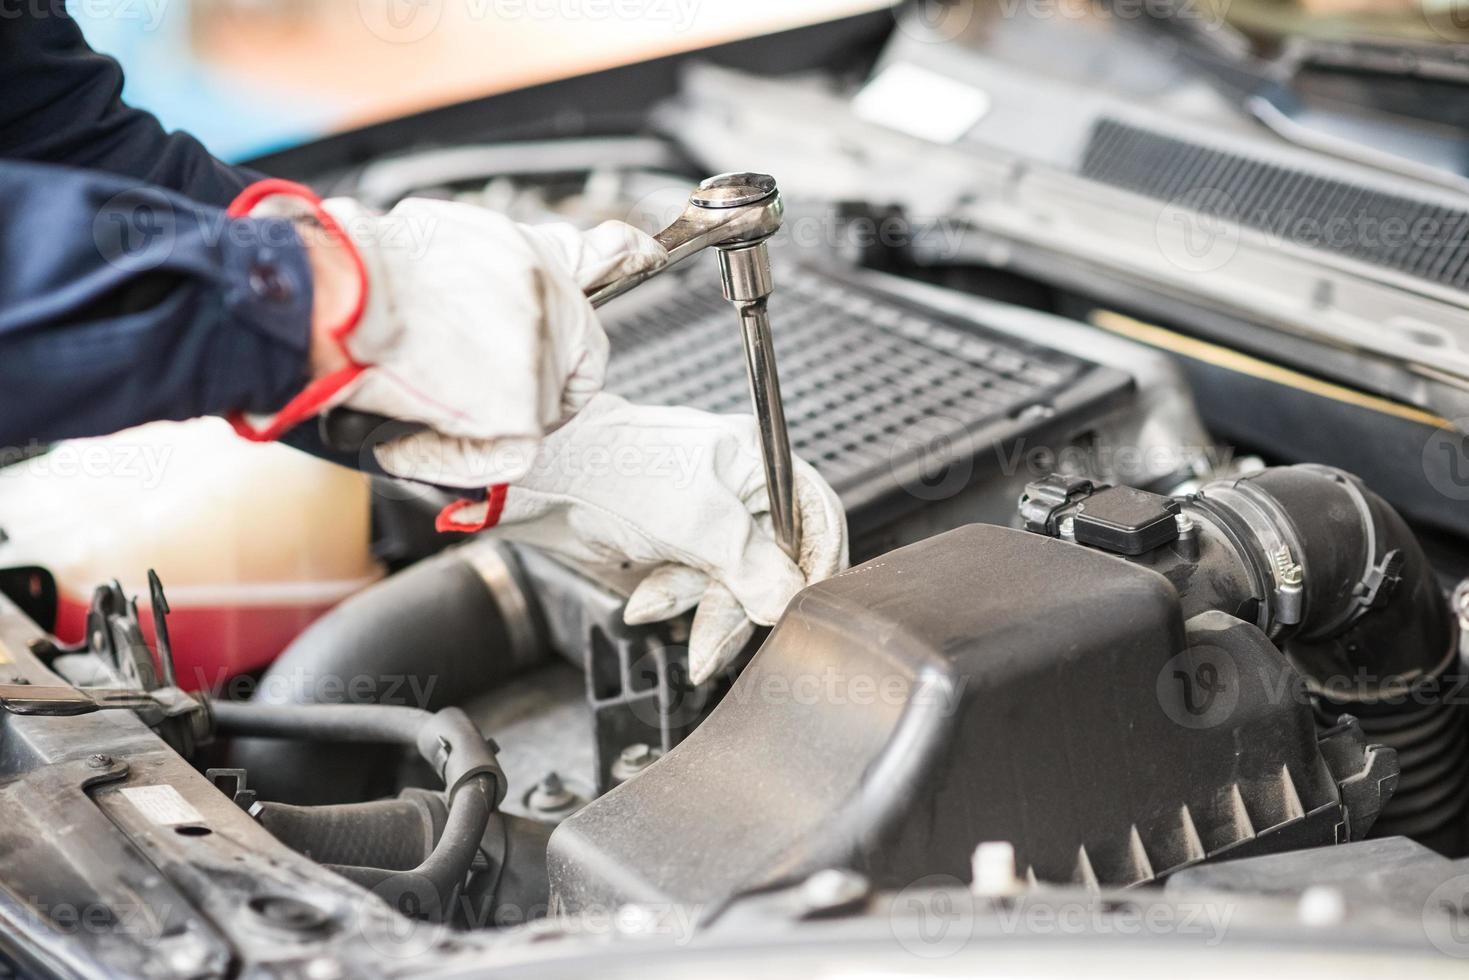 mécanicien automobile travaillant sur une voiture dans son garage photo